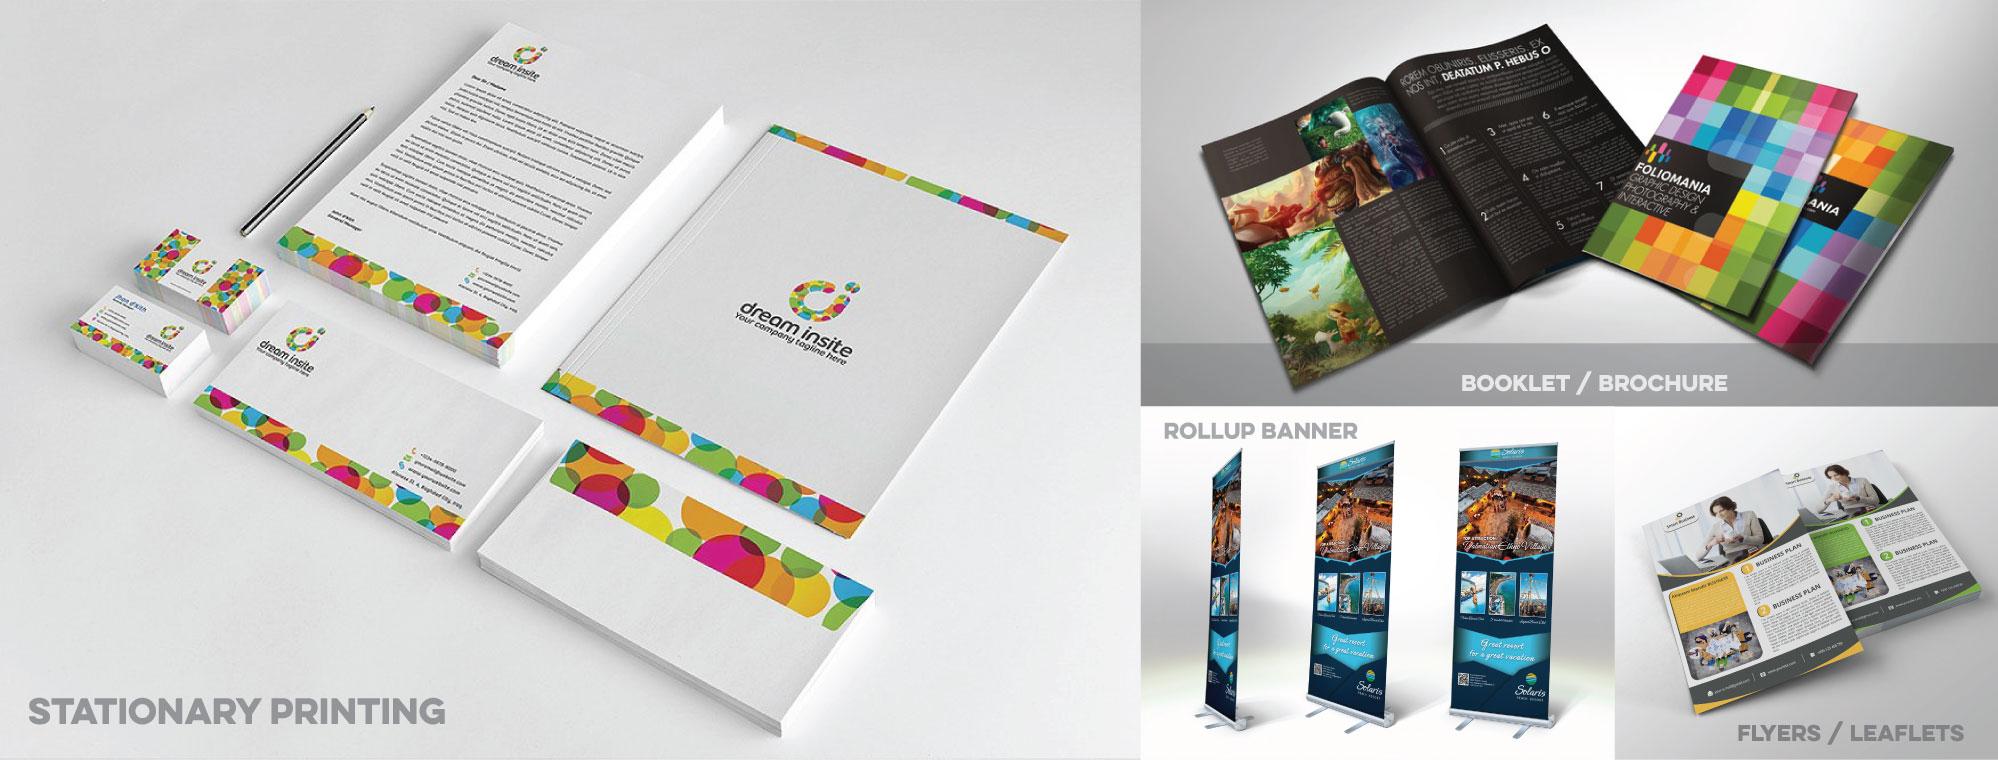 Letterheads |  Brochure Printing - VegaPrint